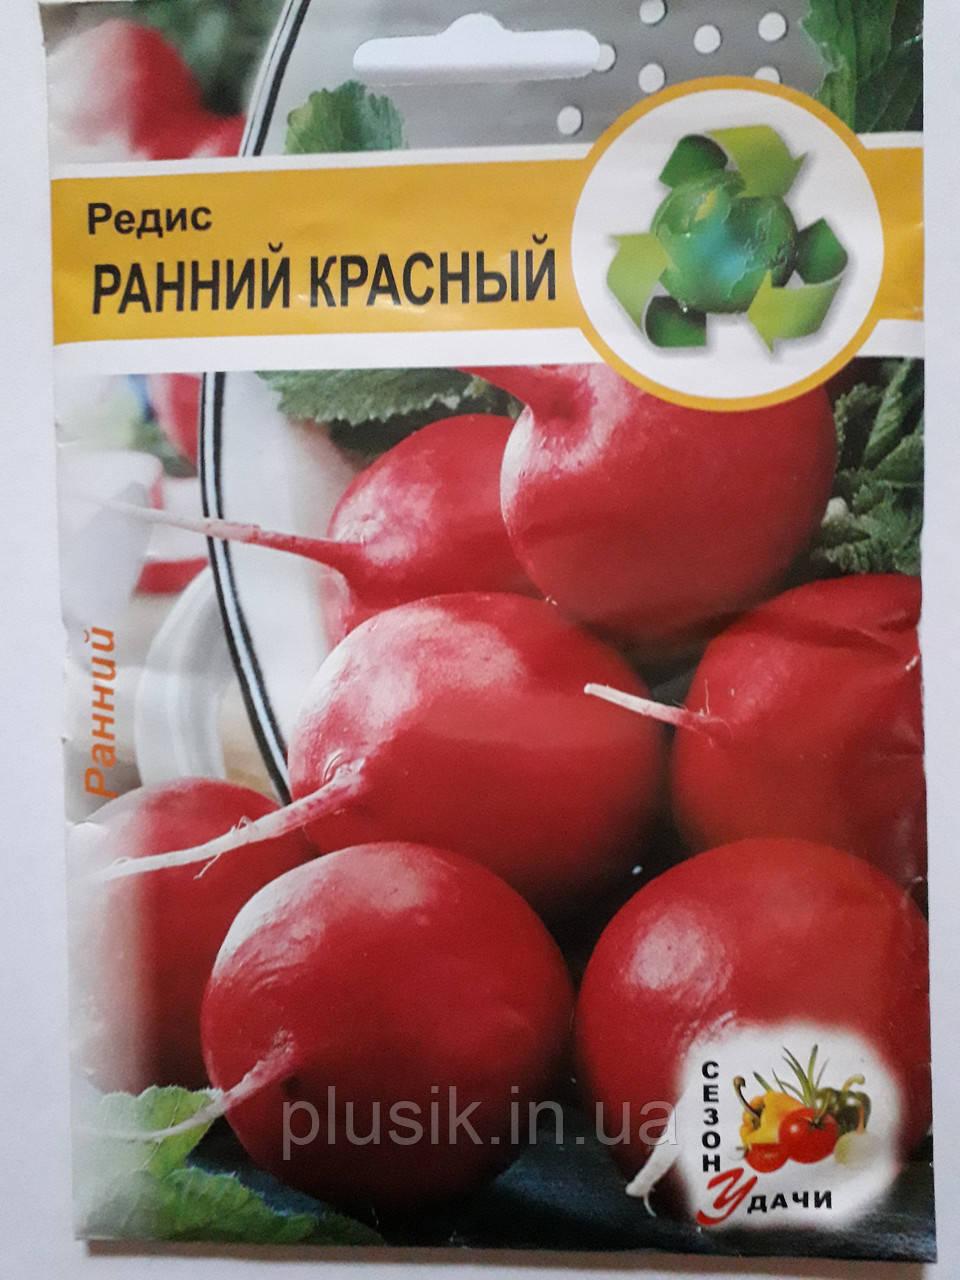 Редис Ранний Красный ранний 20 г (минимальный заказ 10 пачек)